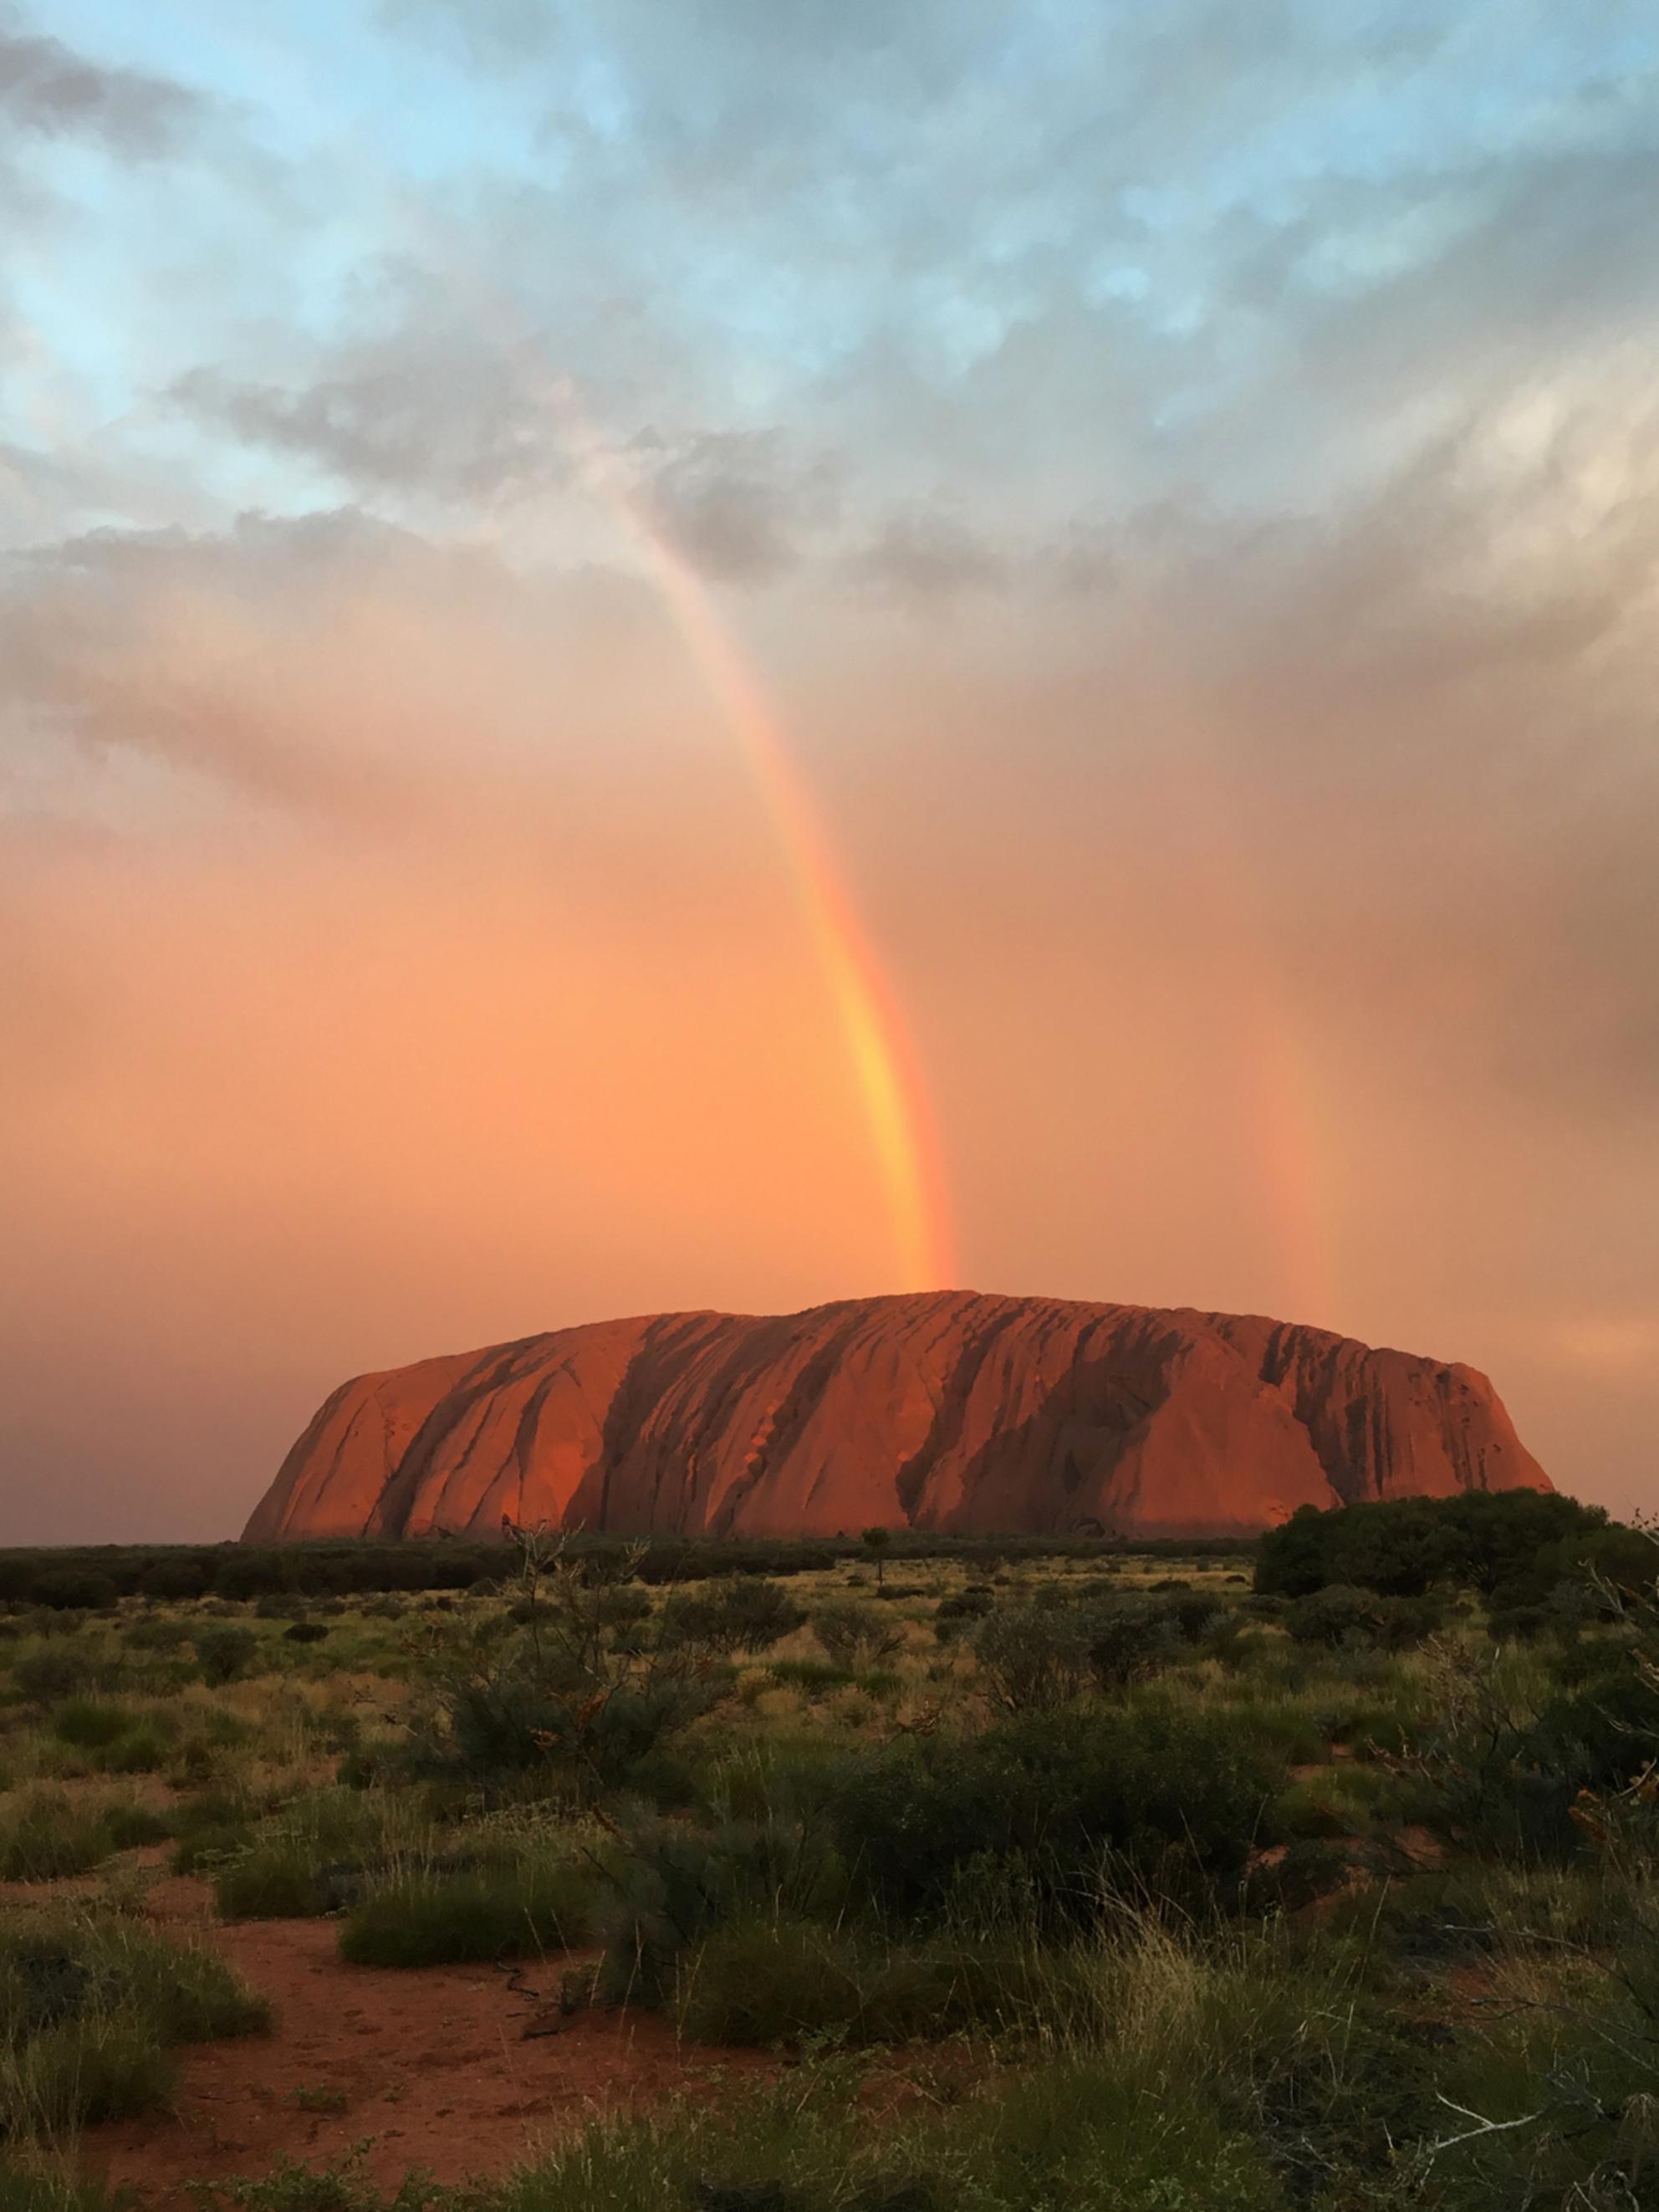 Ayers Rock - Tijdens onze rondreis door Australië zagen we een dubbele regenboog boven Ayers Rock. - foto door LindaBrouwer op 30-06-2017 - deze foto bevat: vakantie, reizen, australie, reisfotografie - Deze foto mag gebruikt worden in een Zoom.nl publicatie